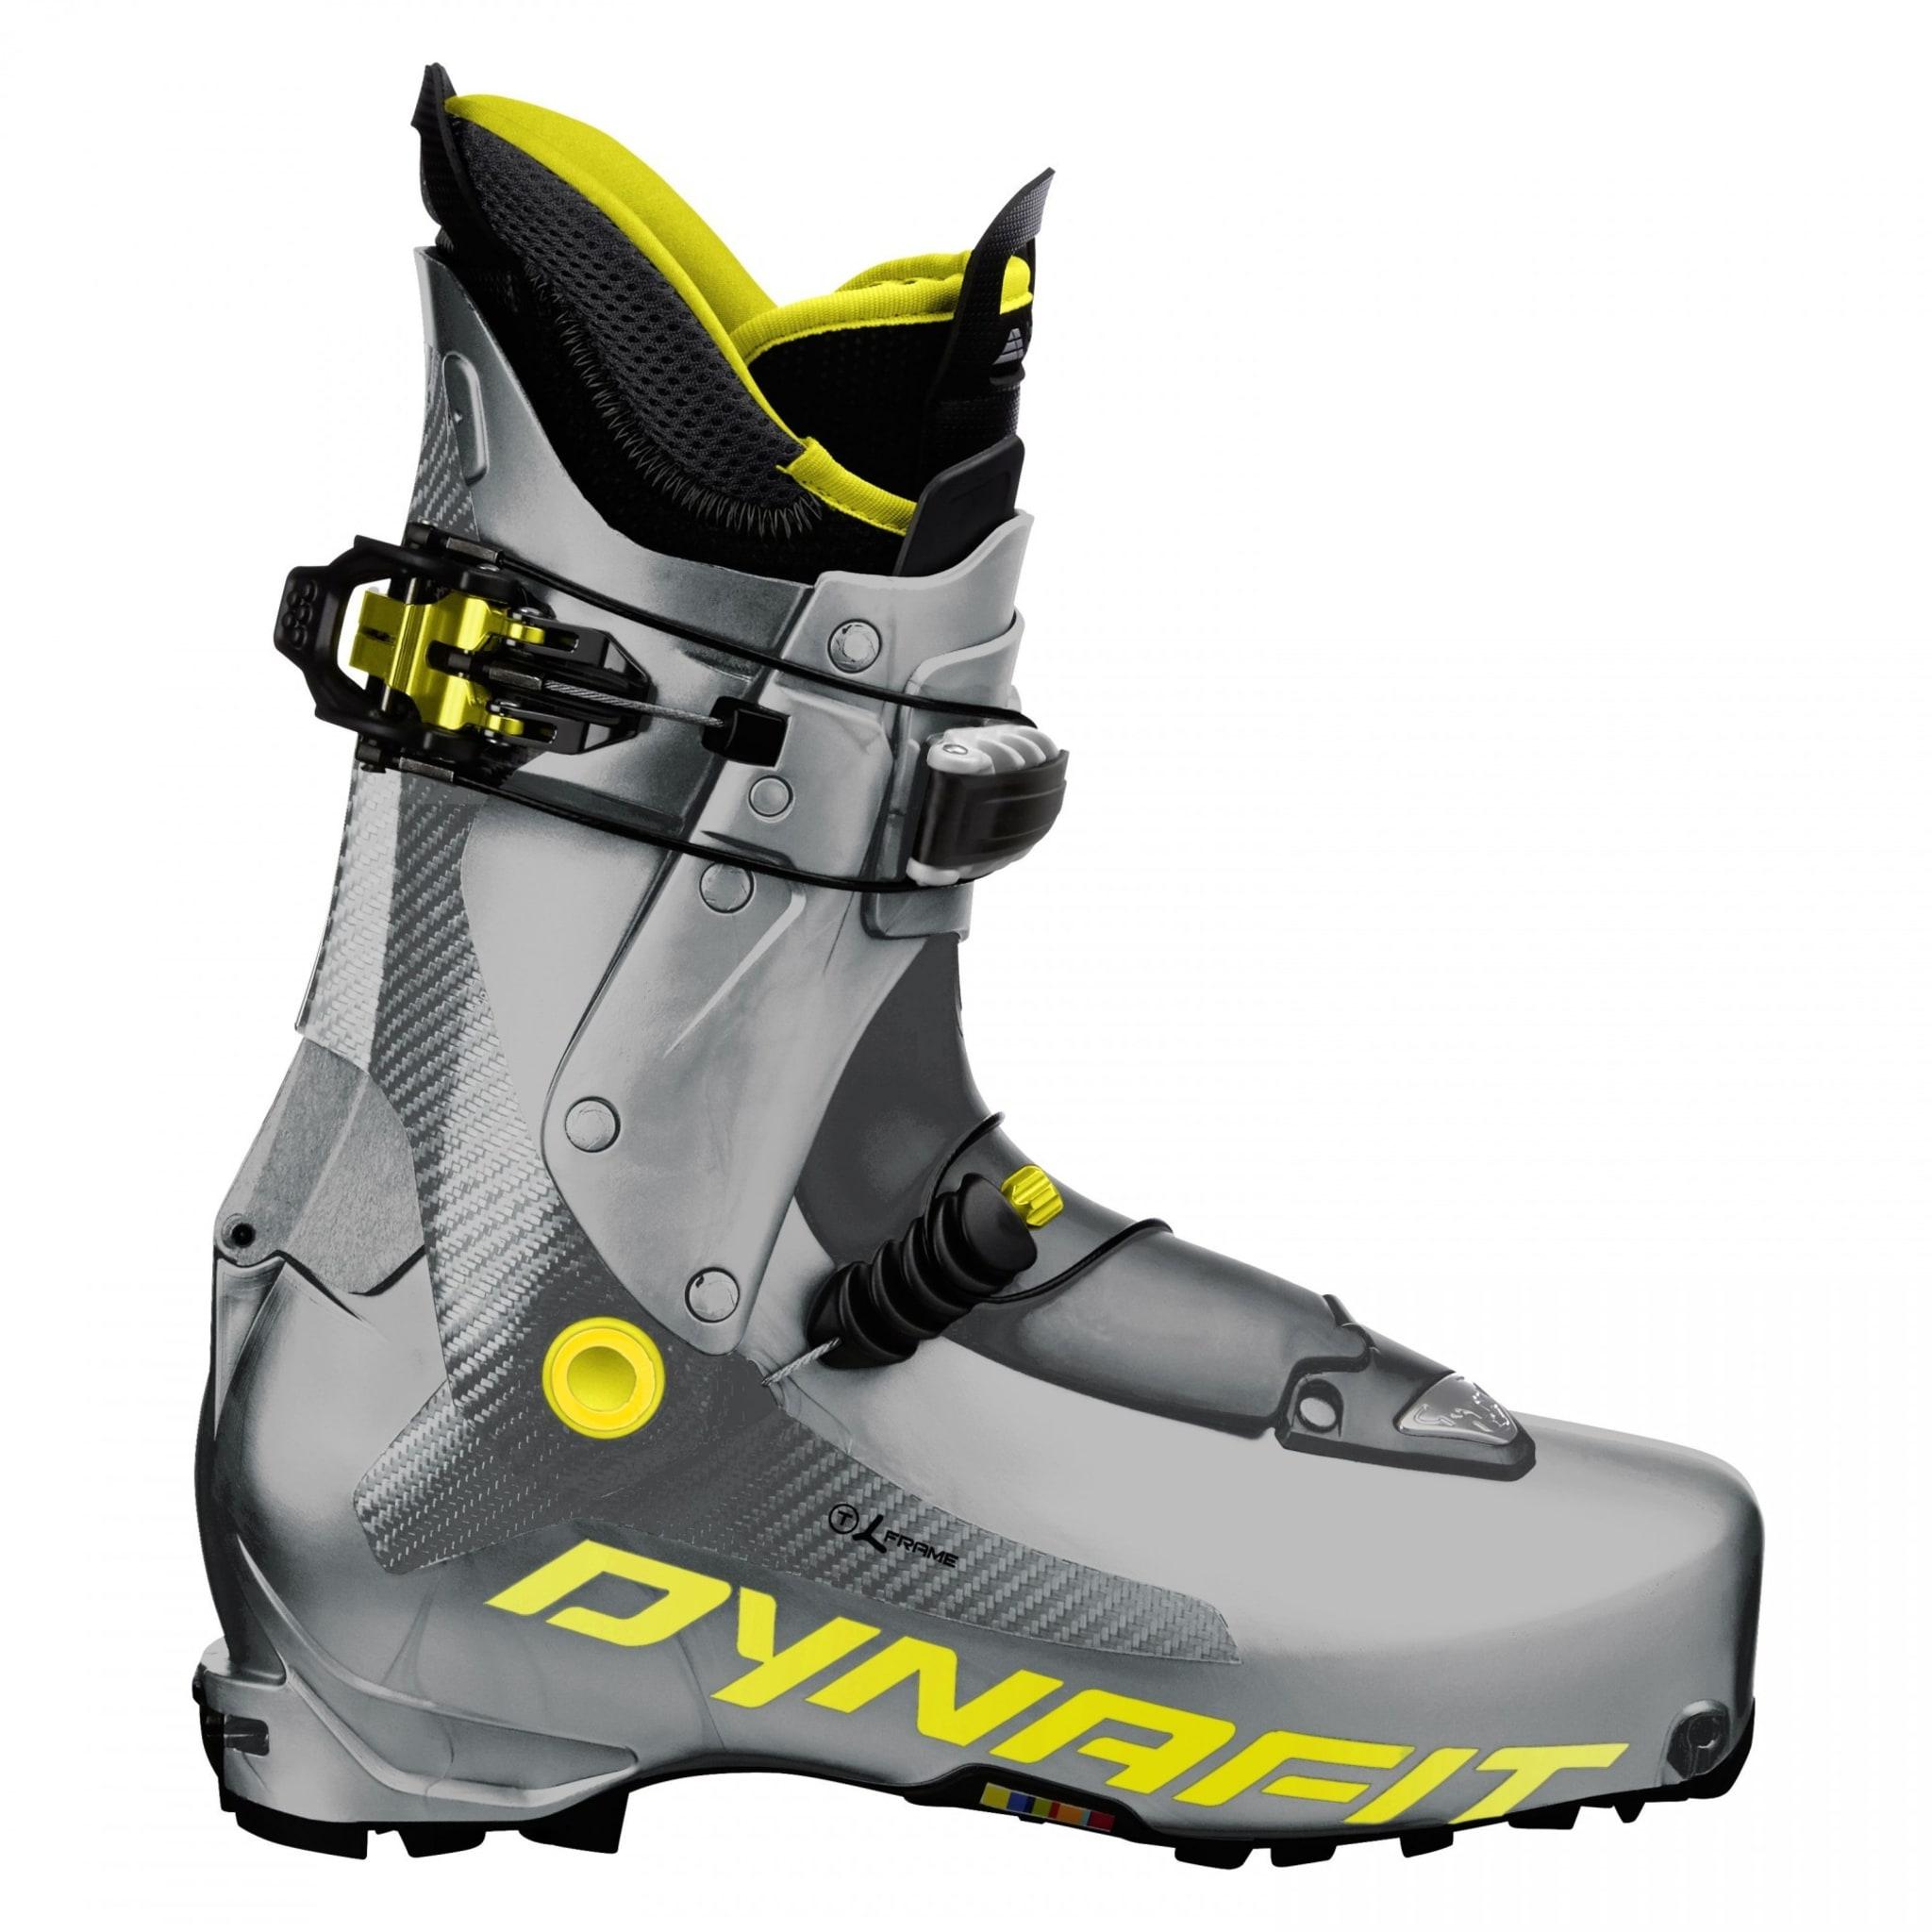 Geniale støvler for skialpinisten!